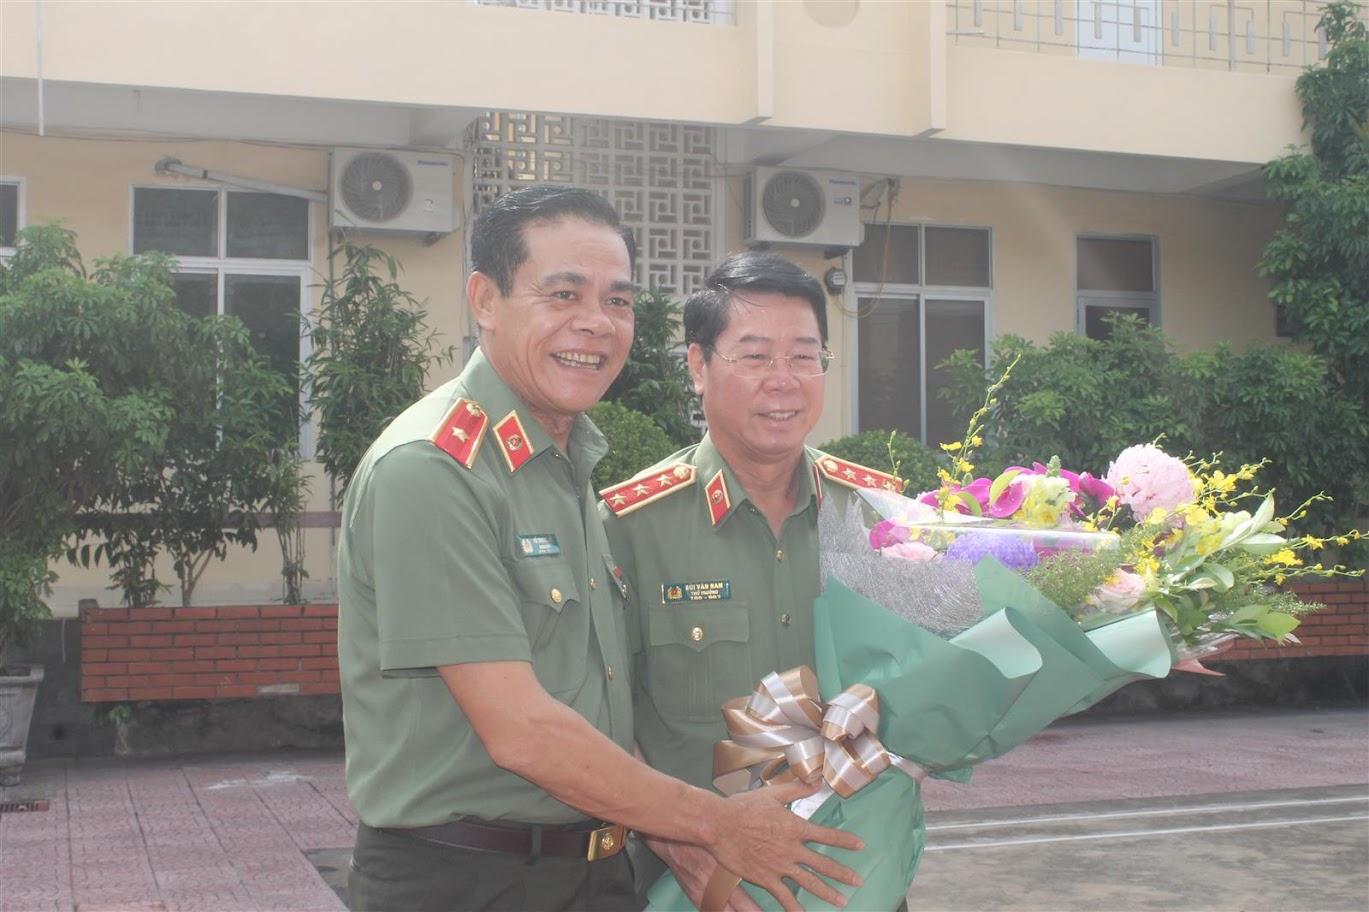 Đồng chí Thiếu tướng Võ Trọng Hải, Giám đốc Công an tỉnh tặng hoa cho đồng chí Thượng tướng Bùi Văn Nam, Ủy viên BCH Trung ương Đảng, Thứ trưởng Bộ Công an về thăm và làm việc tại Công an Nghệ An